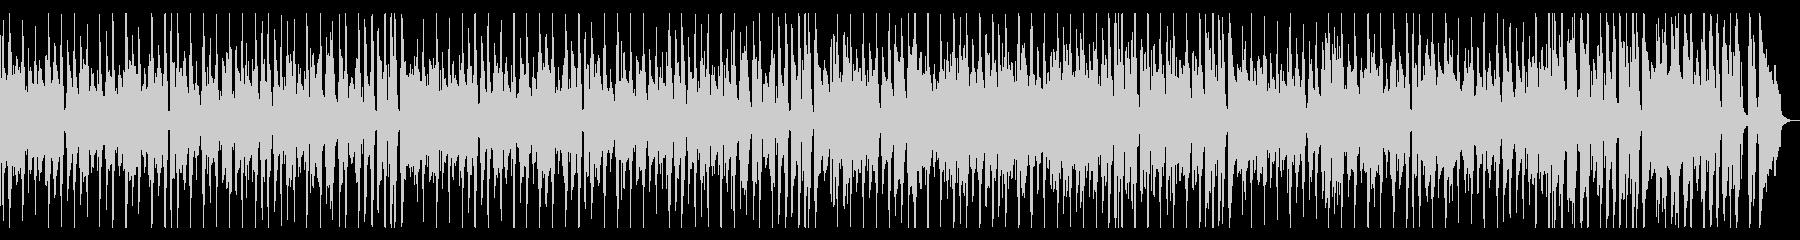 カフェムードなコミカルフレンチギターの未再生の波形